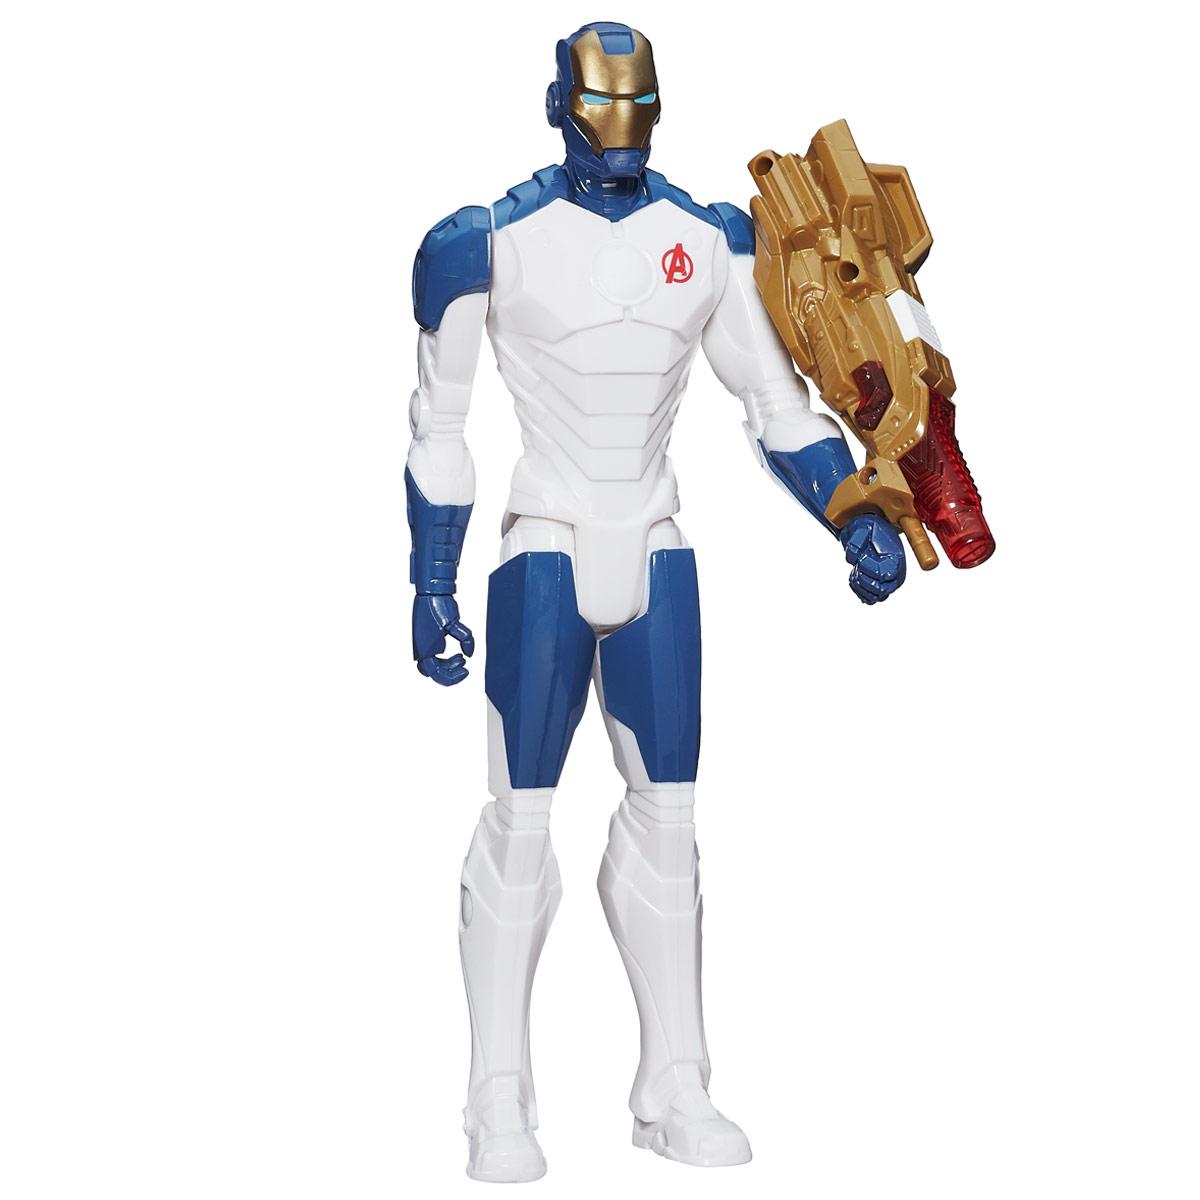 Фигурка Avengers Титаны: Iron Man, с аксессуаром, 29 смB6177121_B1497Фигурка Avengers Титаны: Iron Man порадует любого маленького поклонника знаменитой серии Мстители (Avengers). Фигурка изготовлена из высококачественного прочного пластика и выполнена в виде супергероя Железного Человека. Фигурка имеет 5 точек артикуляции - голова, руки, кисти и ноги подвижны. В комплект также входят аксессуар для героя - мощное футуристическое оружие, которое закрепляется на руке героя. При нажатии кнопки на корпусе оружия, его дуло начнет светиться. Фигурка понравится как детям, так и взрослым коллекционерам, она станет отличным сувениром или займет достойное место в коллекции любого поклонника комиксов о непобедимых Мстителях. Рекомендуется докупить 2 батарейки типа LR44 (товар комплектуется демонстрационными).